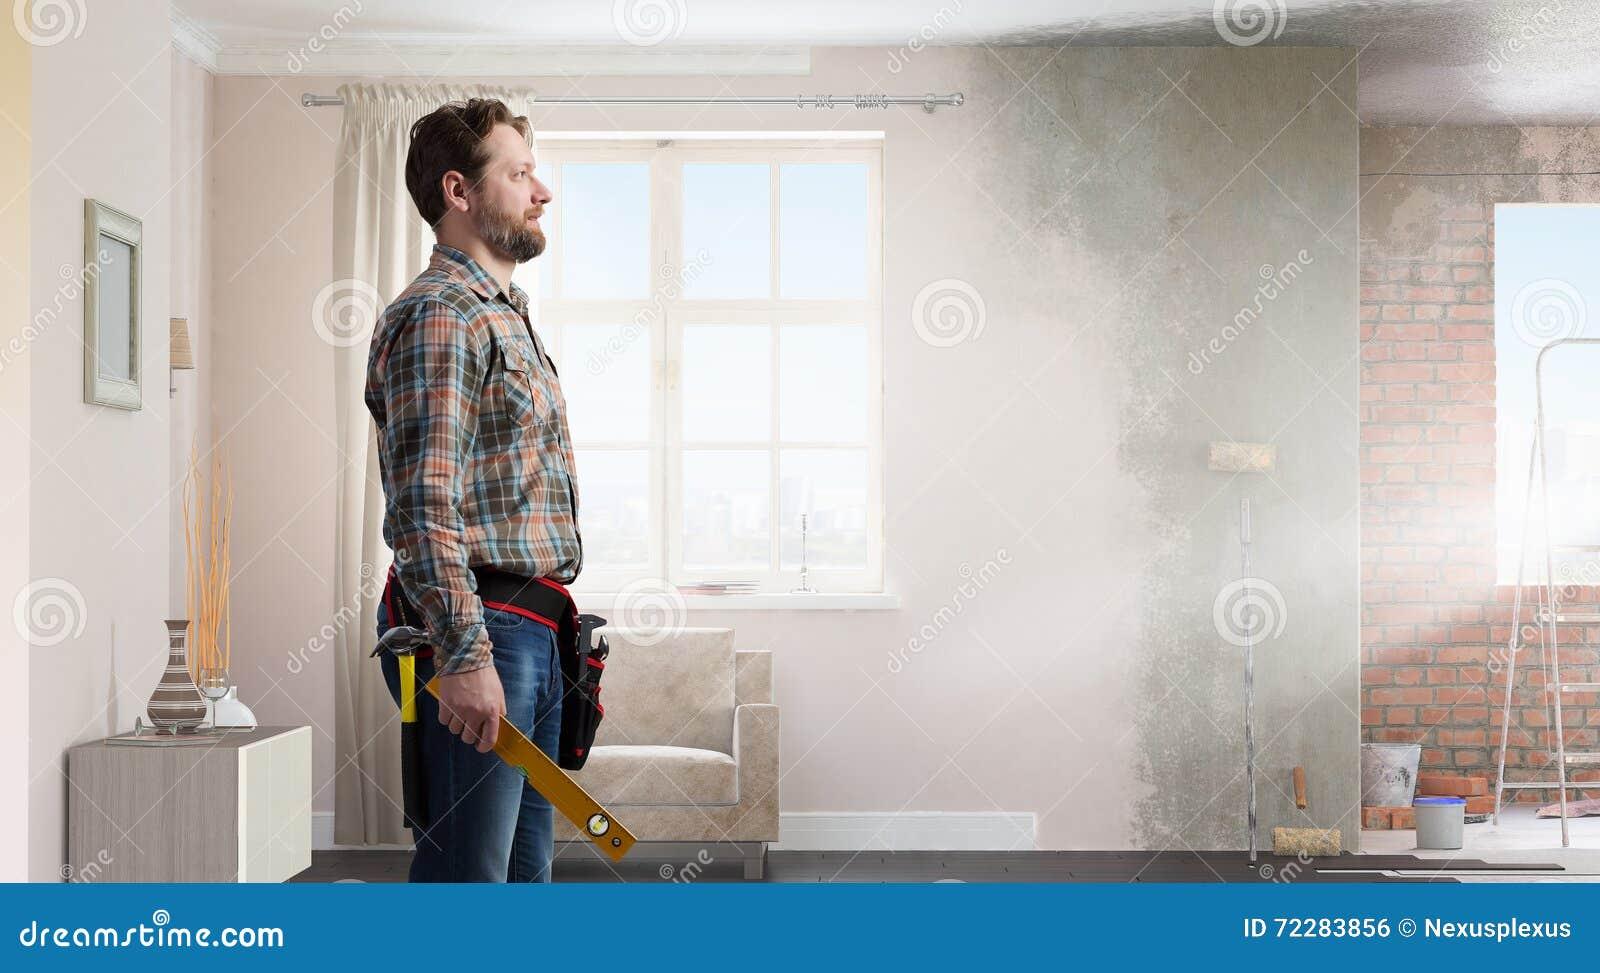 Download Взрослый человек инженера стоковое фото. изображение насчитывающей профессия - 72283856